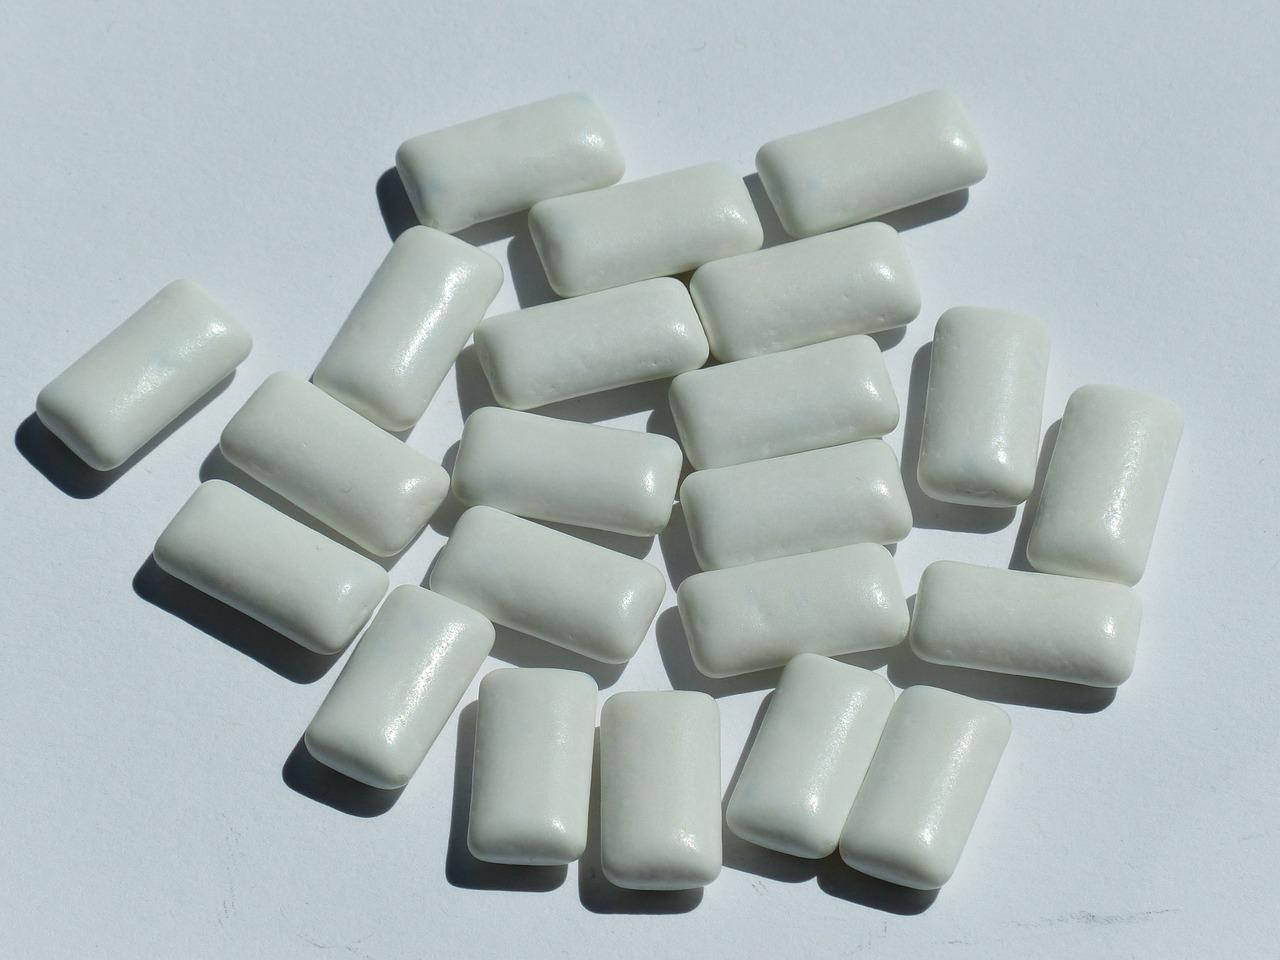 Diet gum gomma per dimagrire